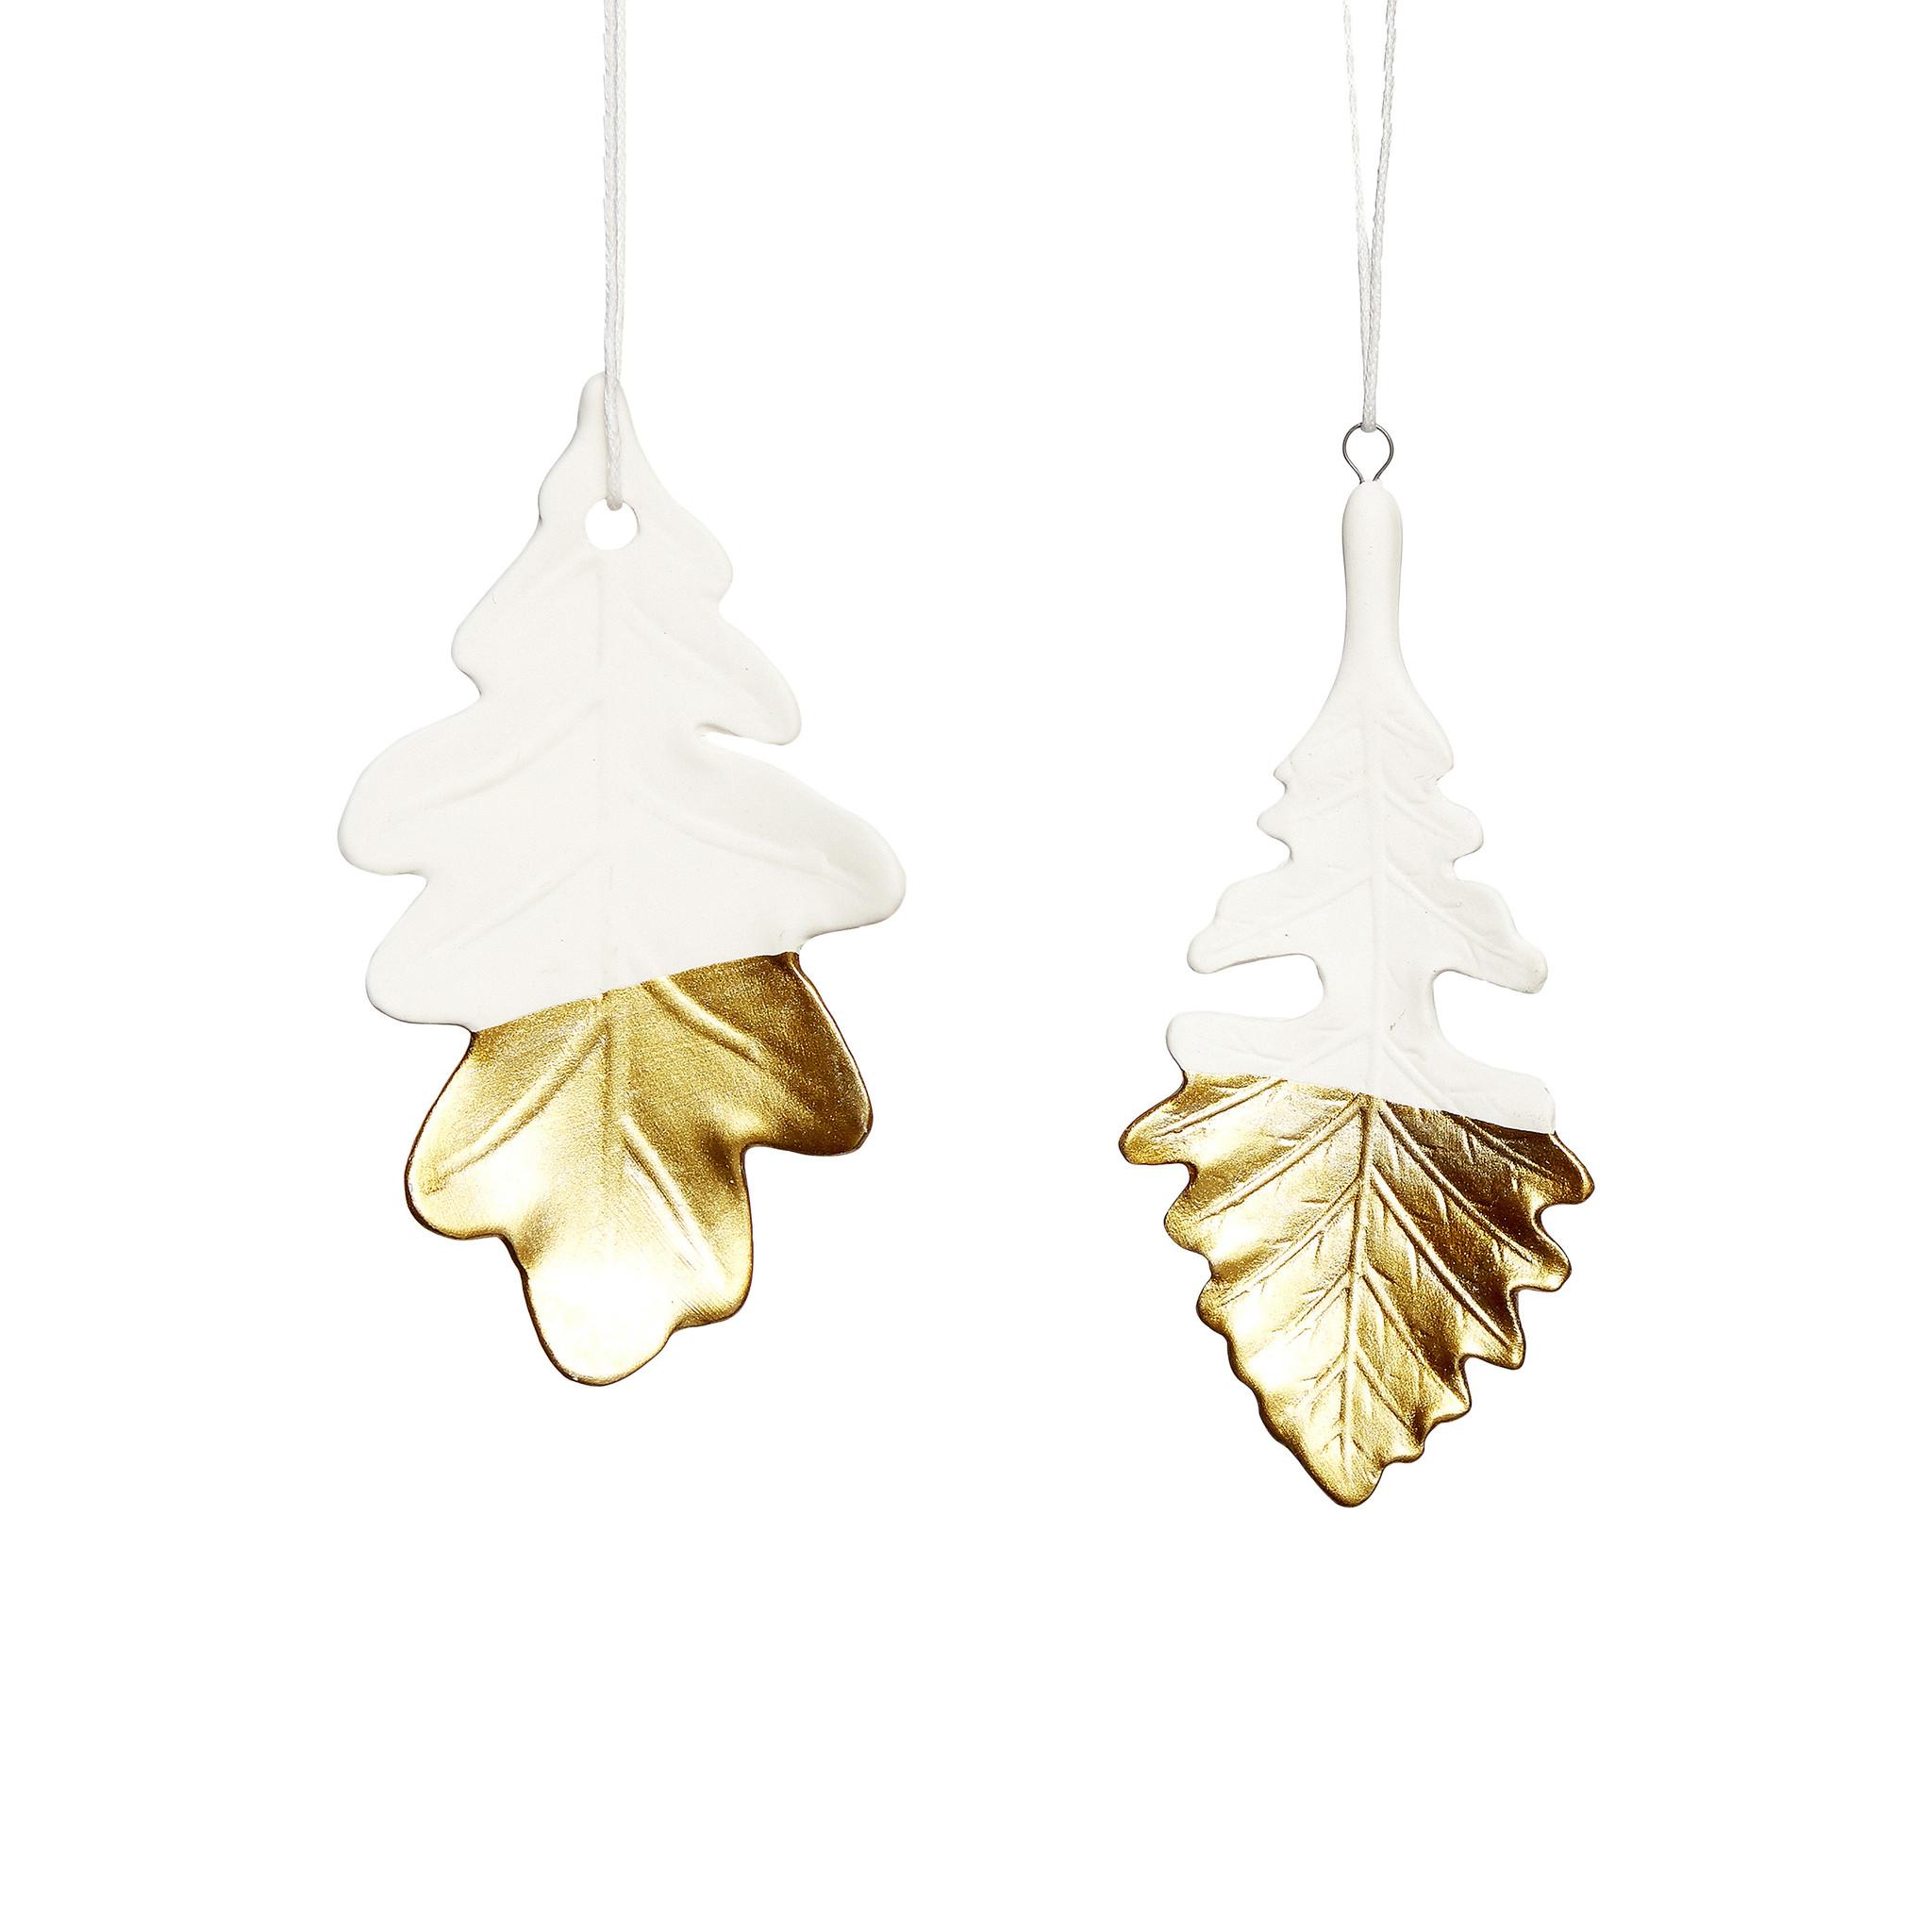 Hubsch Blad, porselein, wit / goud, set van 2-640322-5712772057162